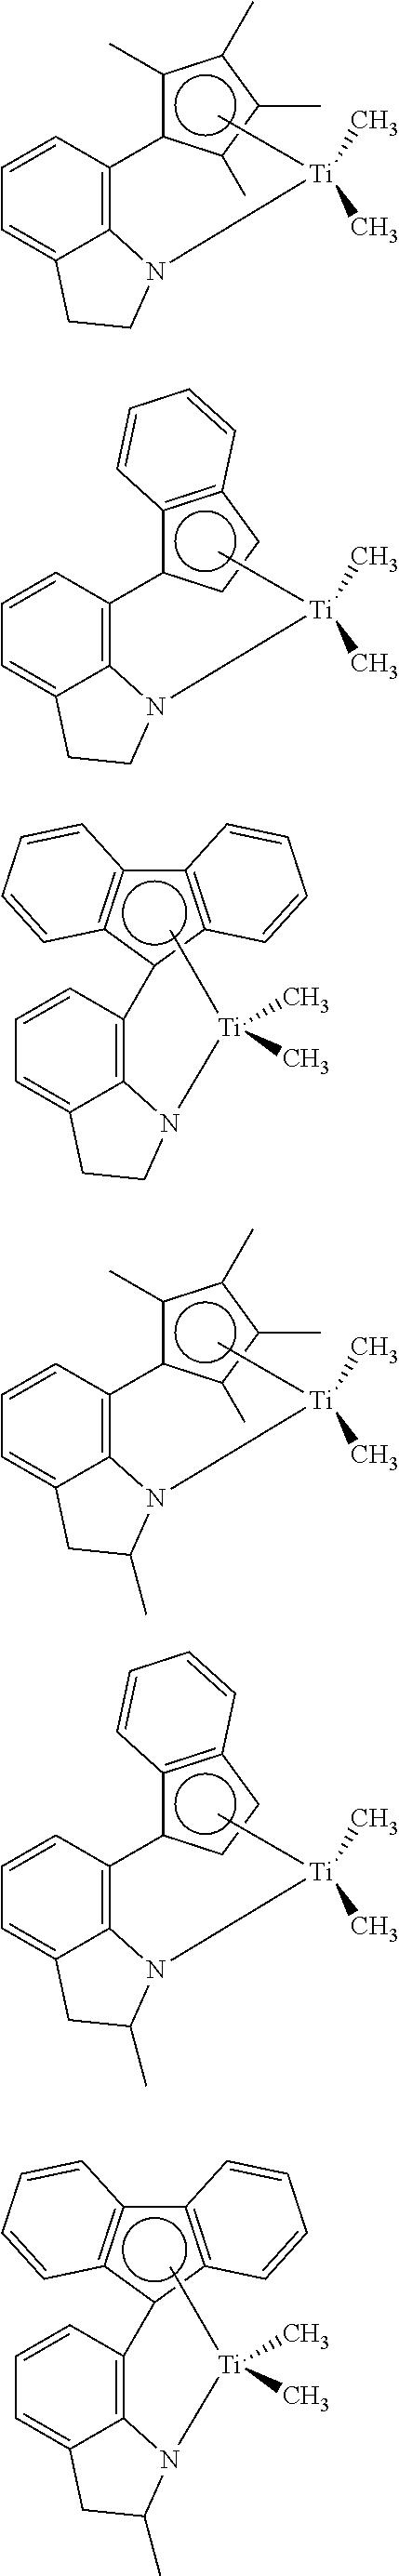 Figure US20110172451A1-20110714-C00013